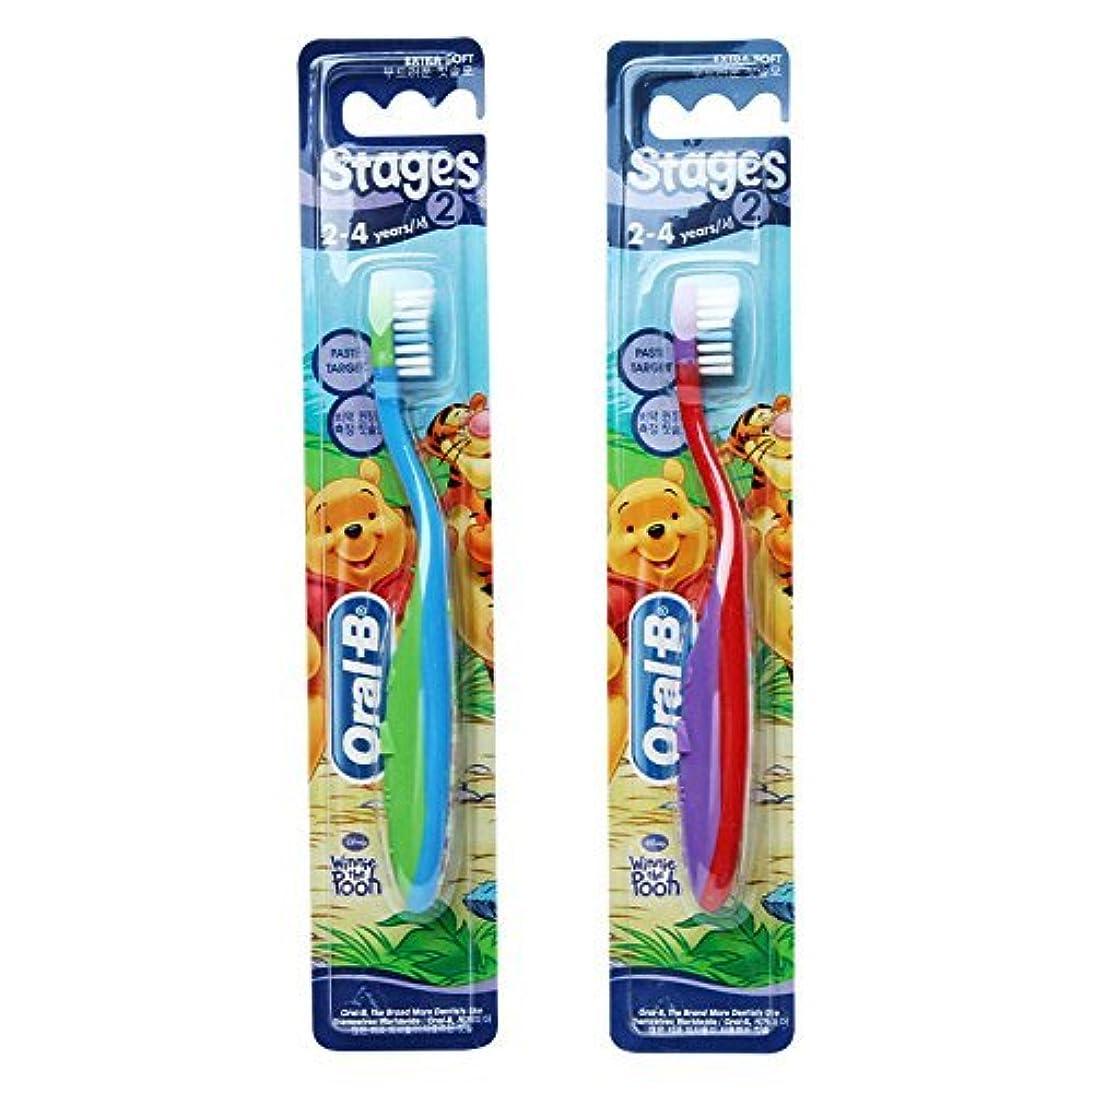 環境に優しい宣言デコラティブOral-B Stages 2 Toothbrush 2 - 4 years 2 Pack /GENUINEと元の梱包 [並行輸入品]